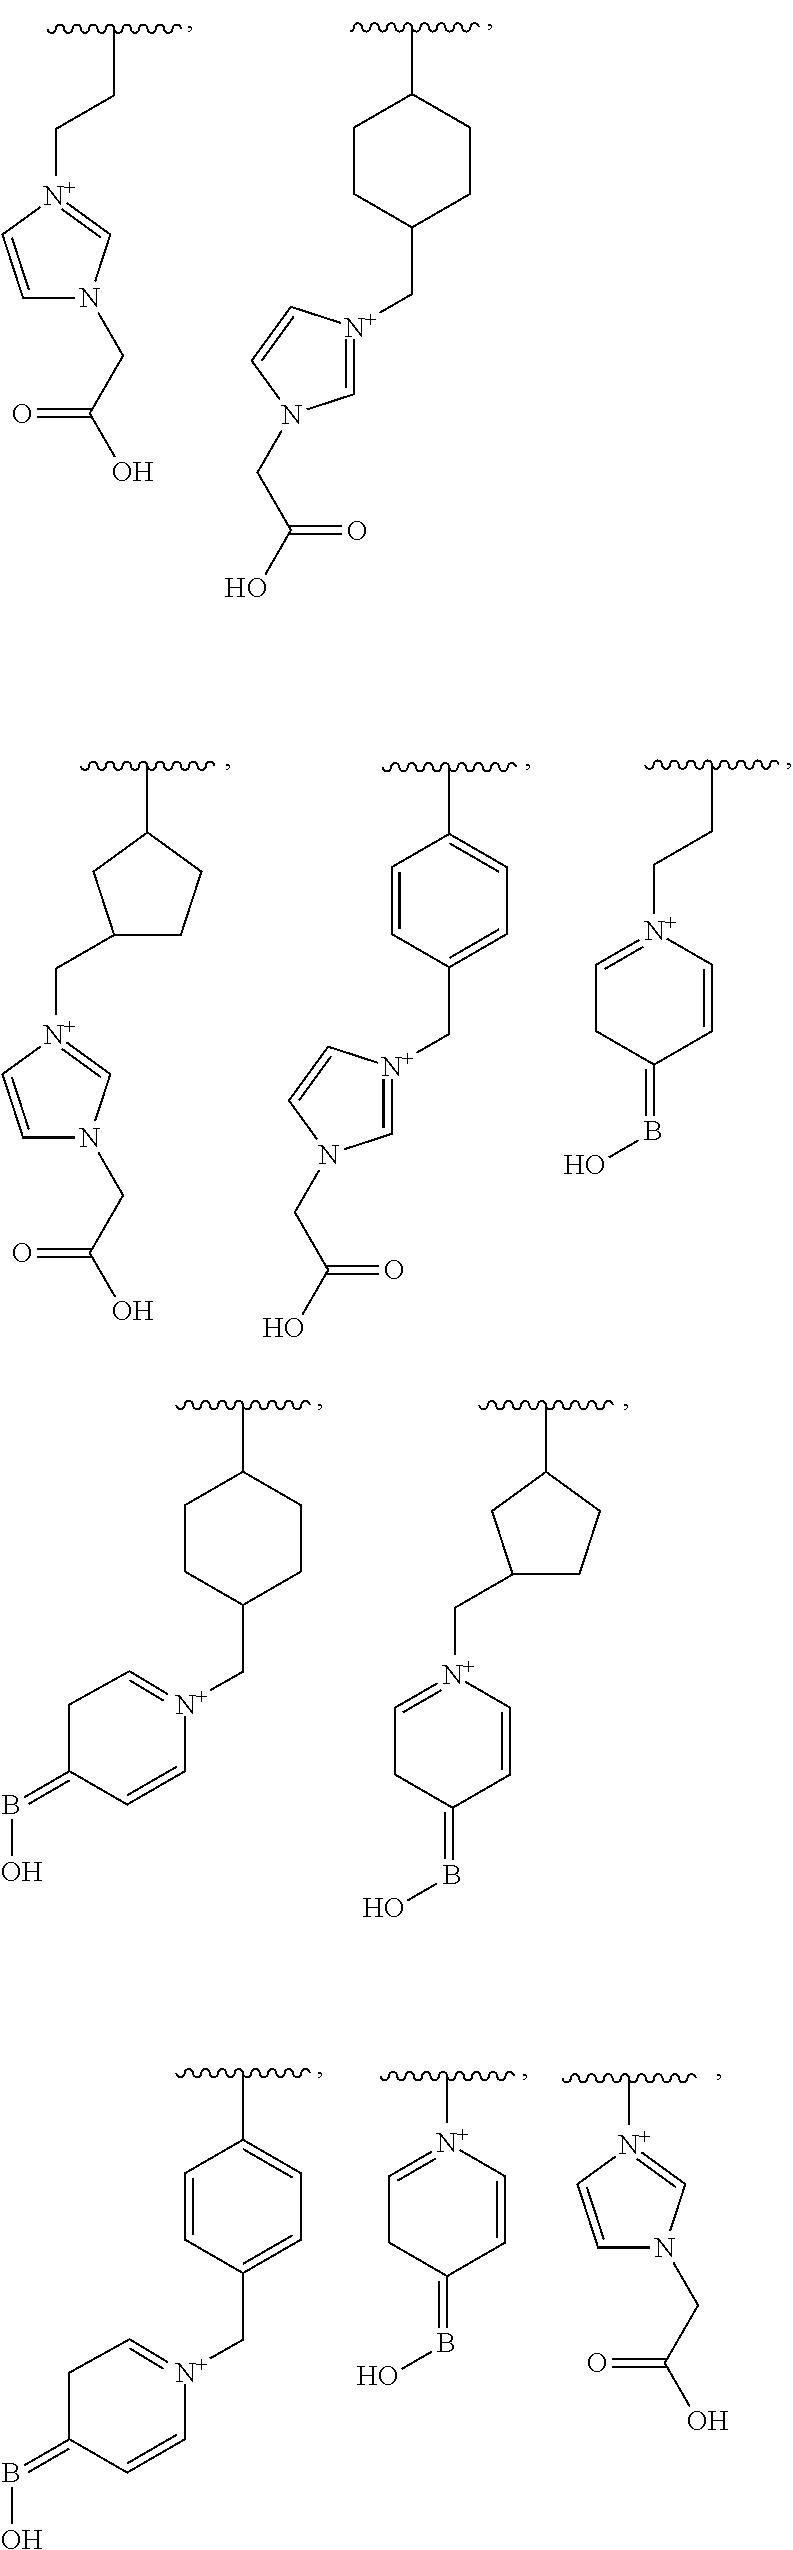 Figure US08476388-20130702-C00009